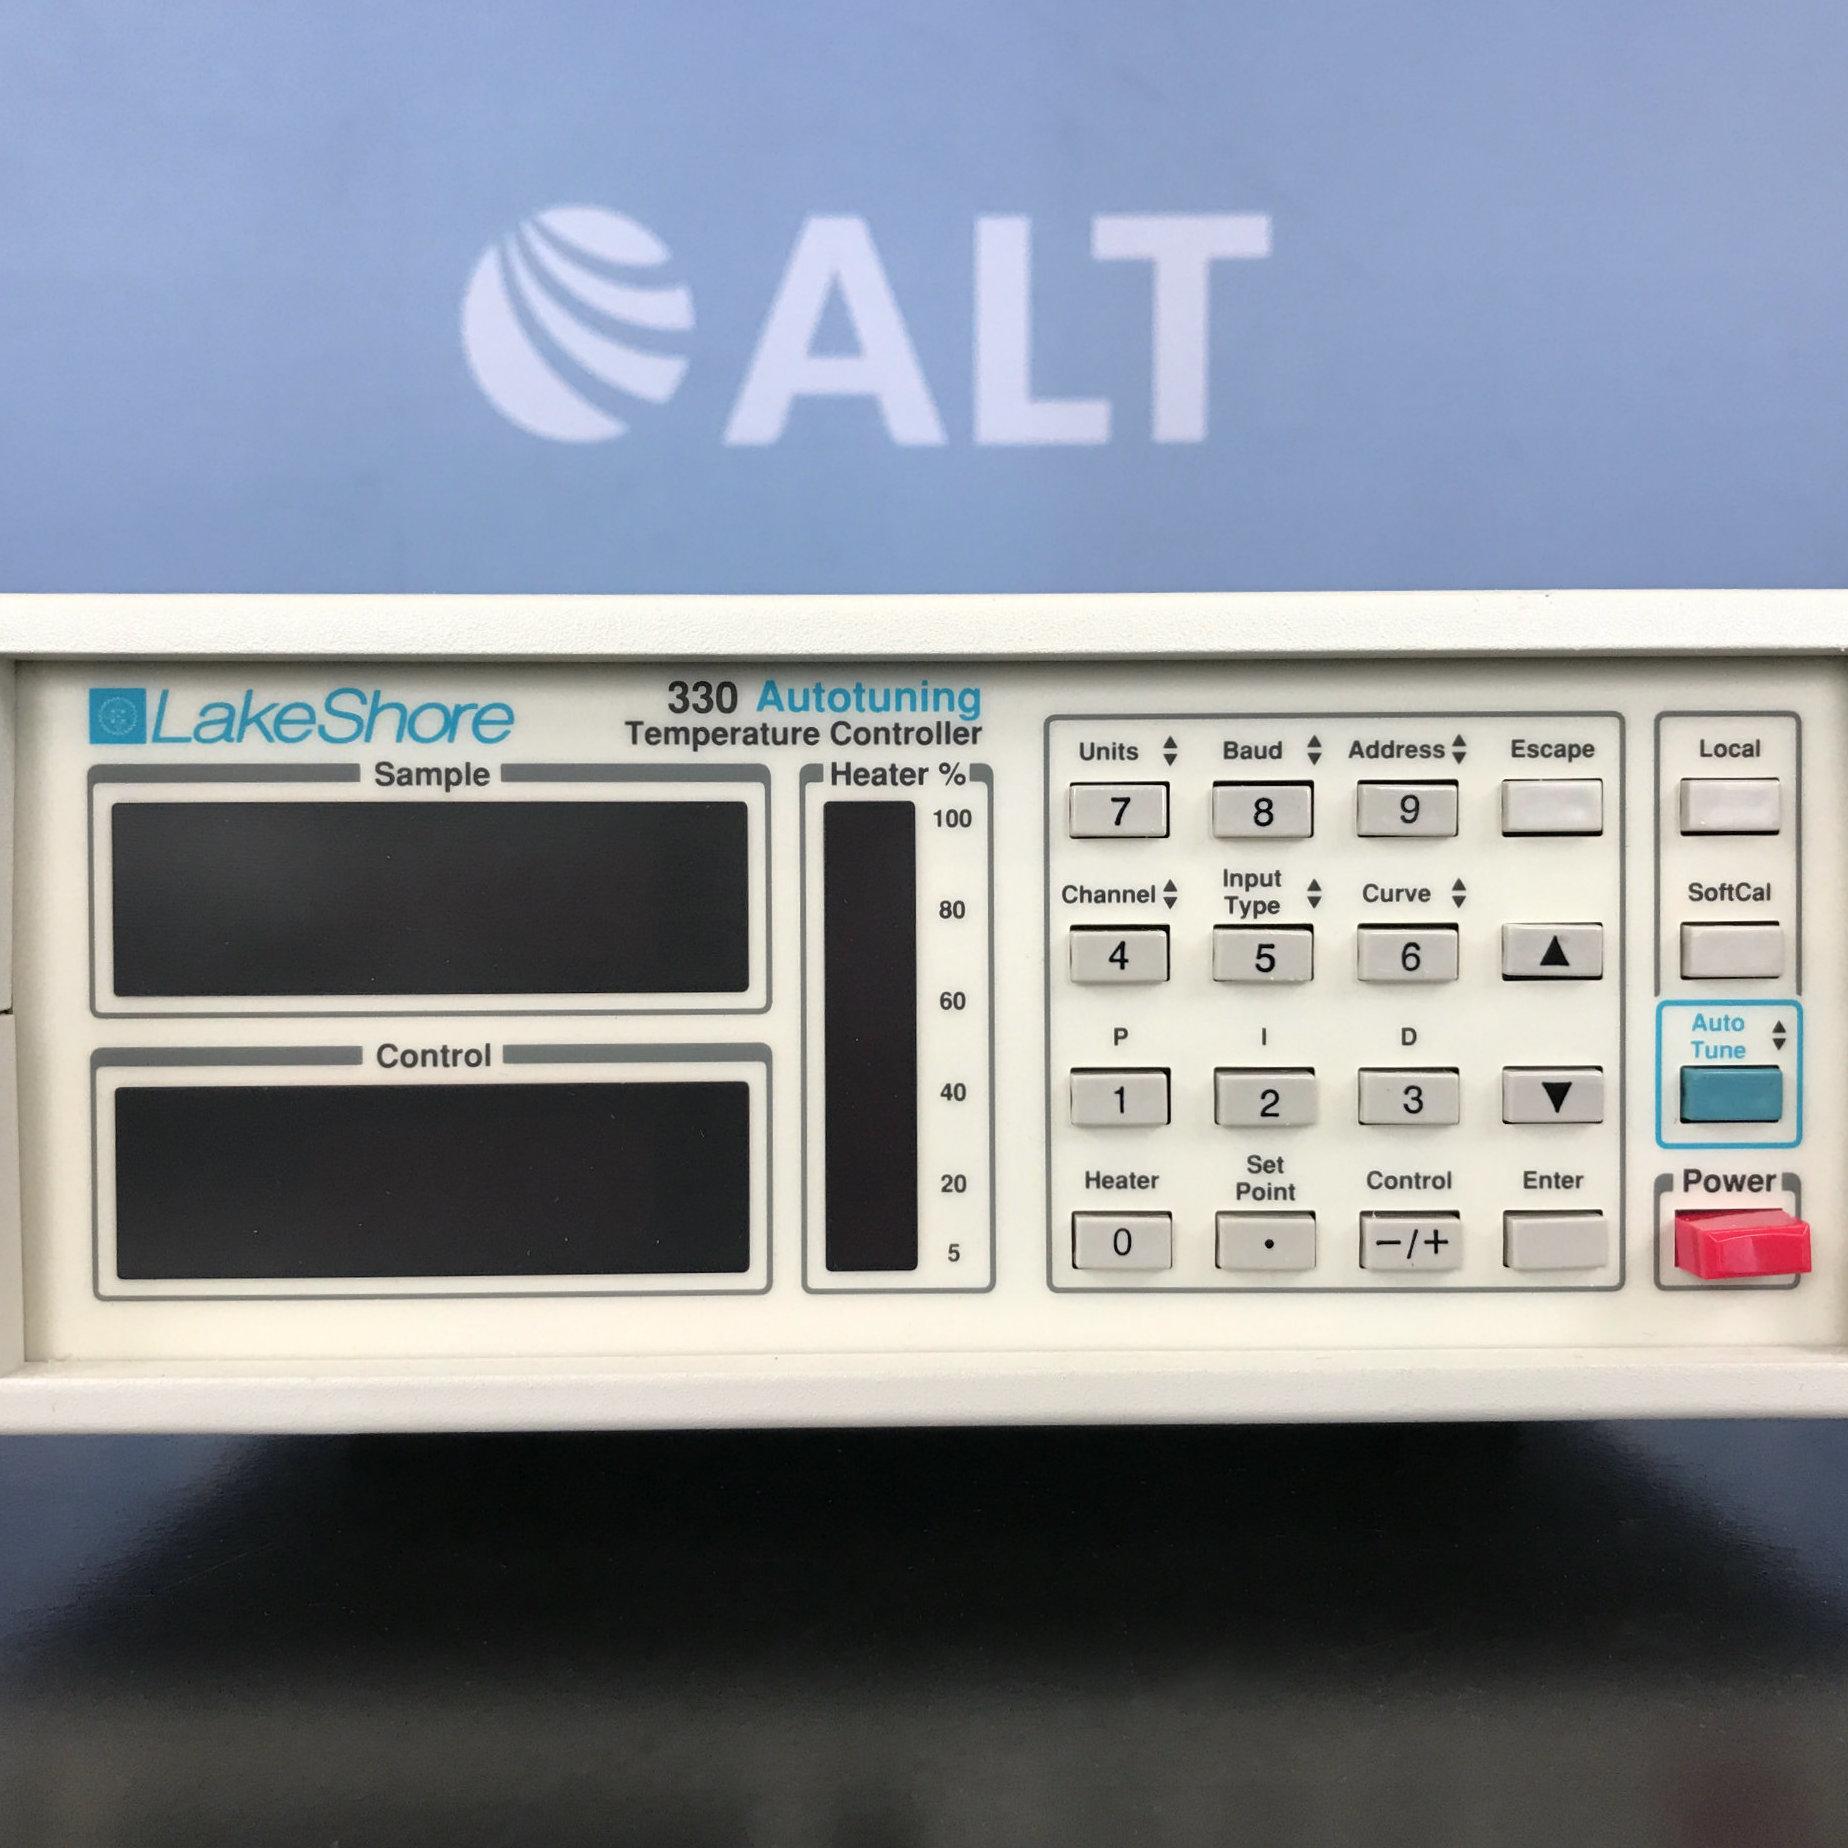 LakeShore Cryotronics 330 Autotuning Temperature Controller Image